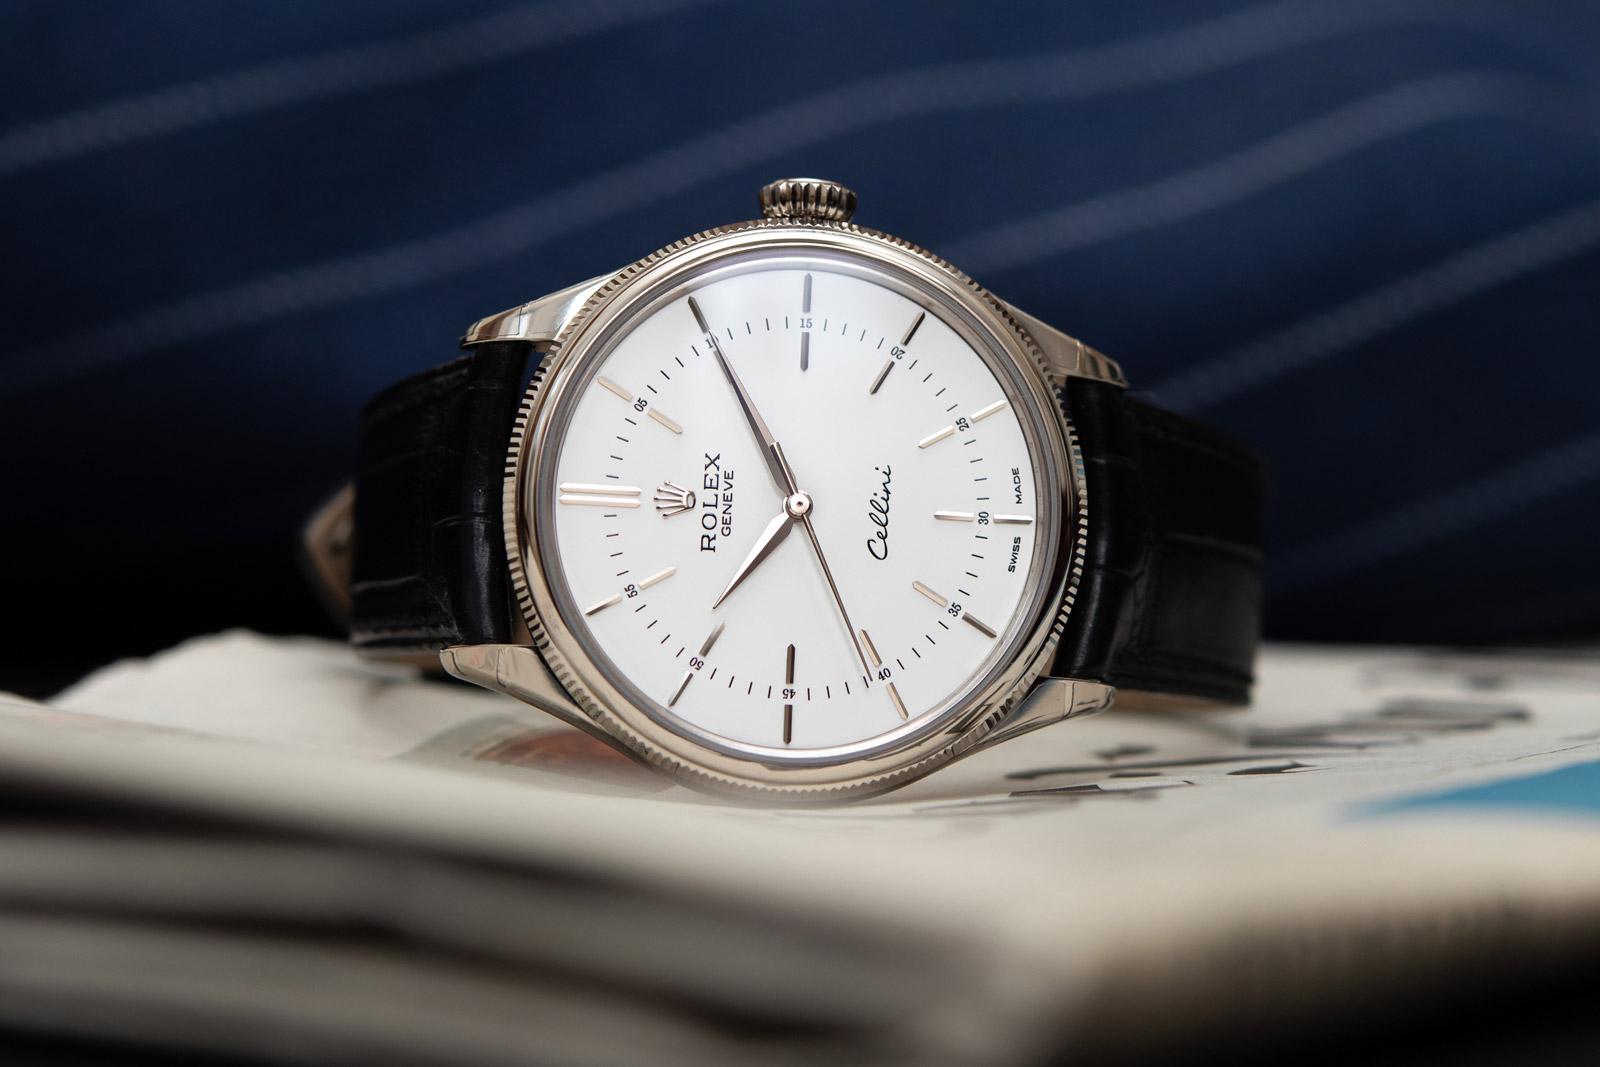 Rolex Cellini Time <br> Referenca 50509